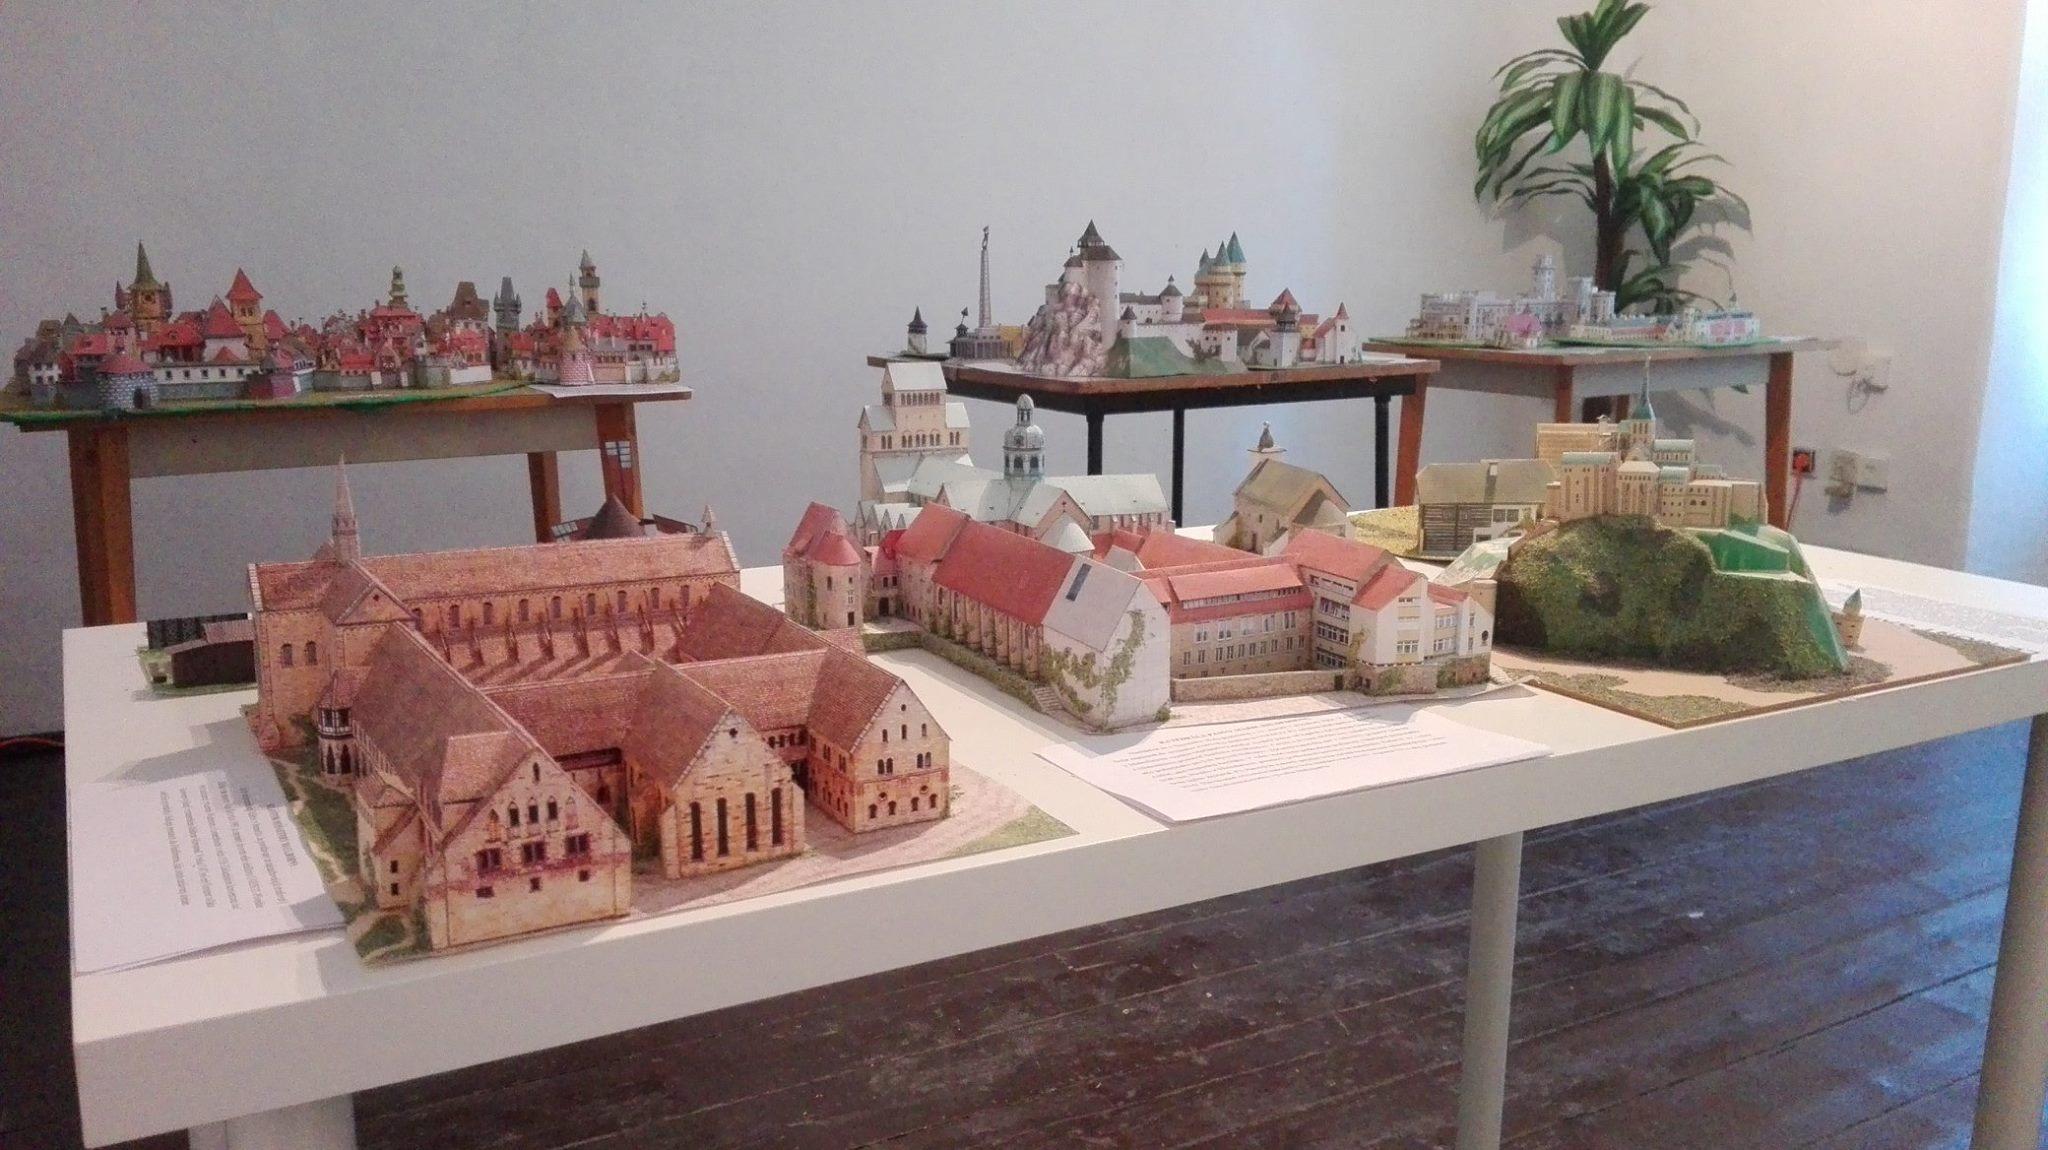 Výstava papierových modelov pamiatok Slovenska, Česka a západ. Európy v v Púchovskom múzeu v Župnom dome (september 2016). Autor modelov: Vladimír Sloboda